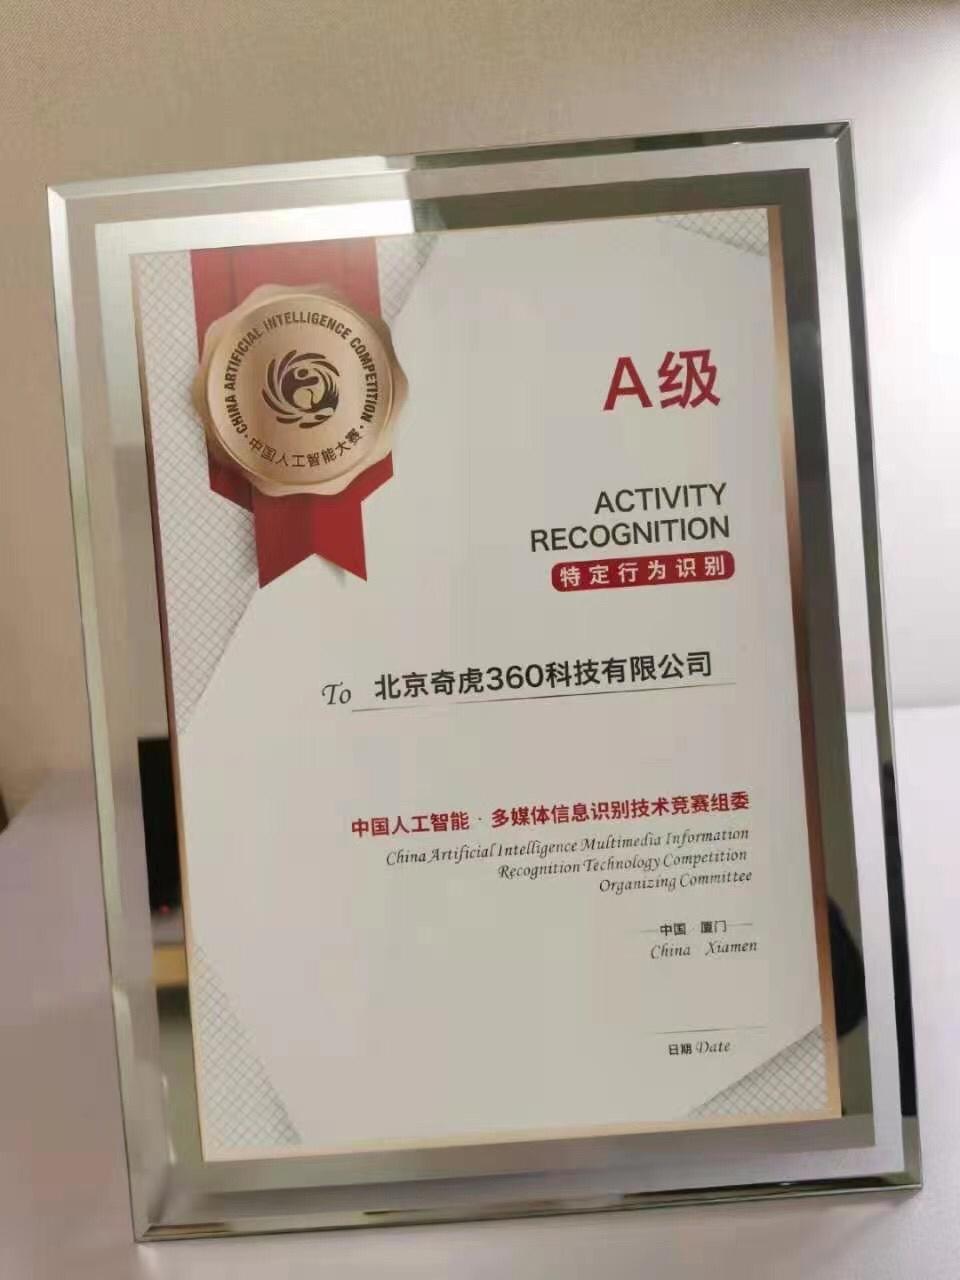 360获中国人工智能大赛A级证书,行为识别技术表现亮眼